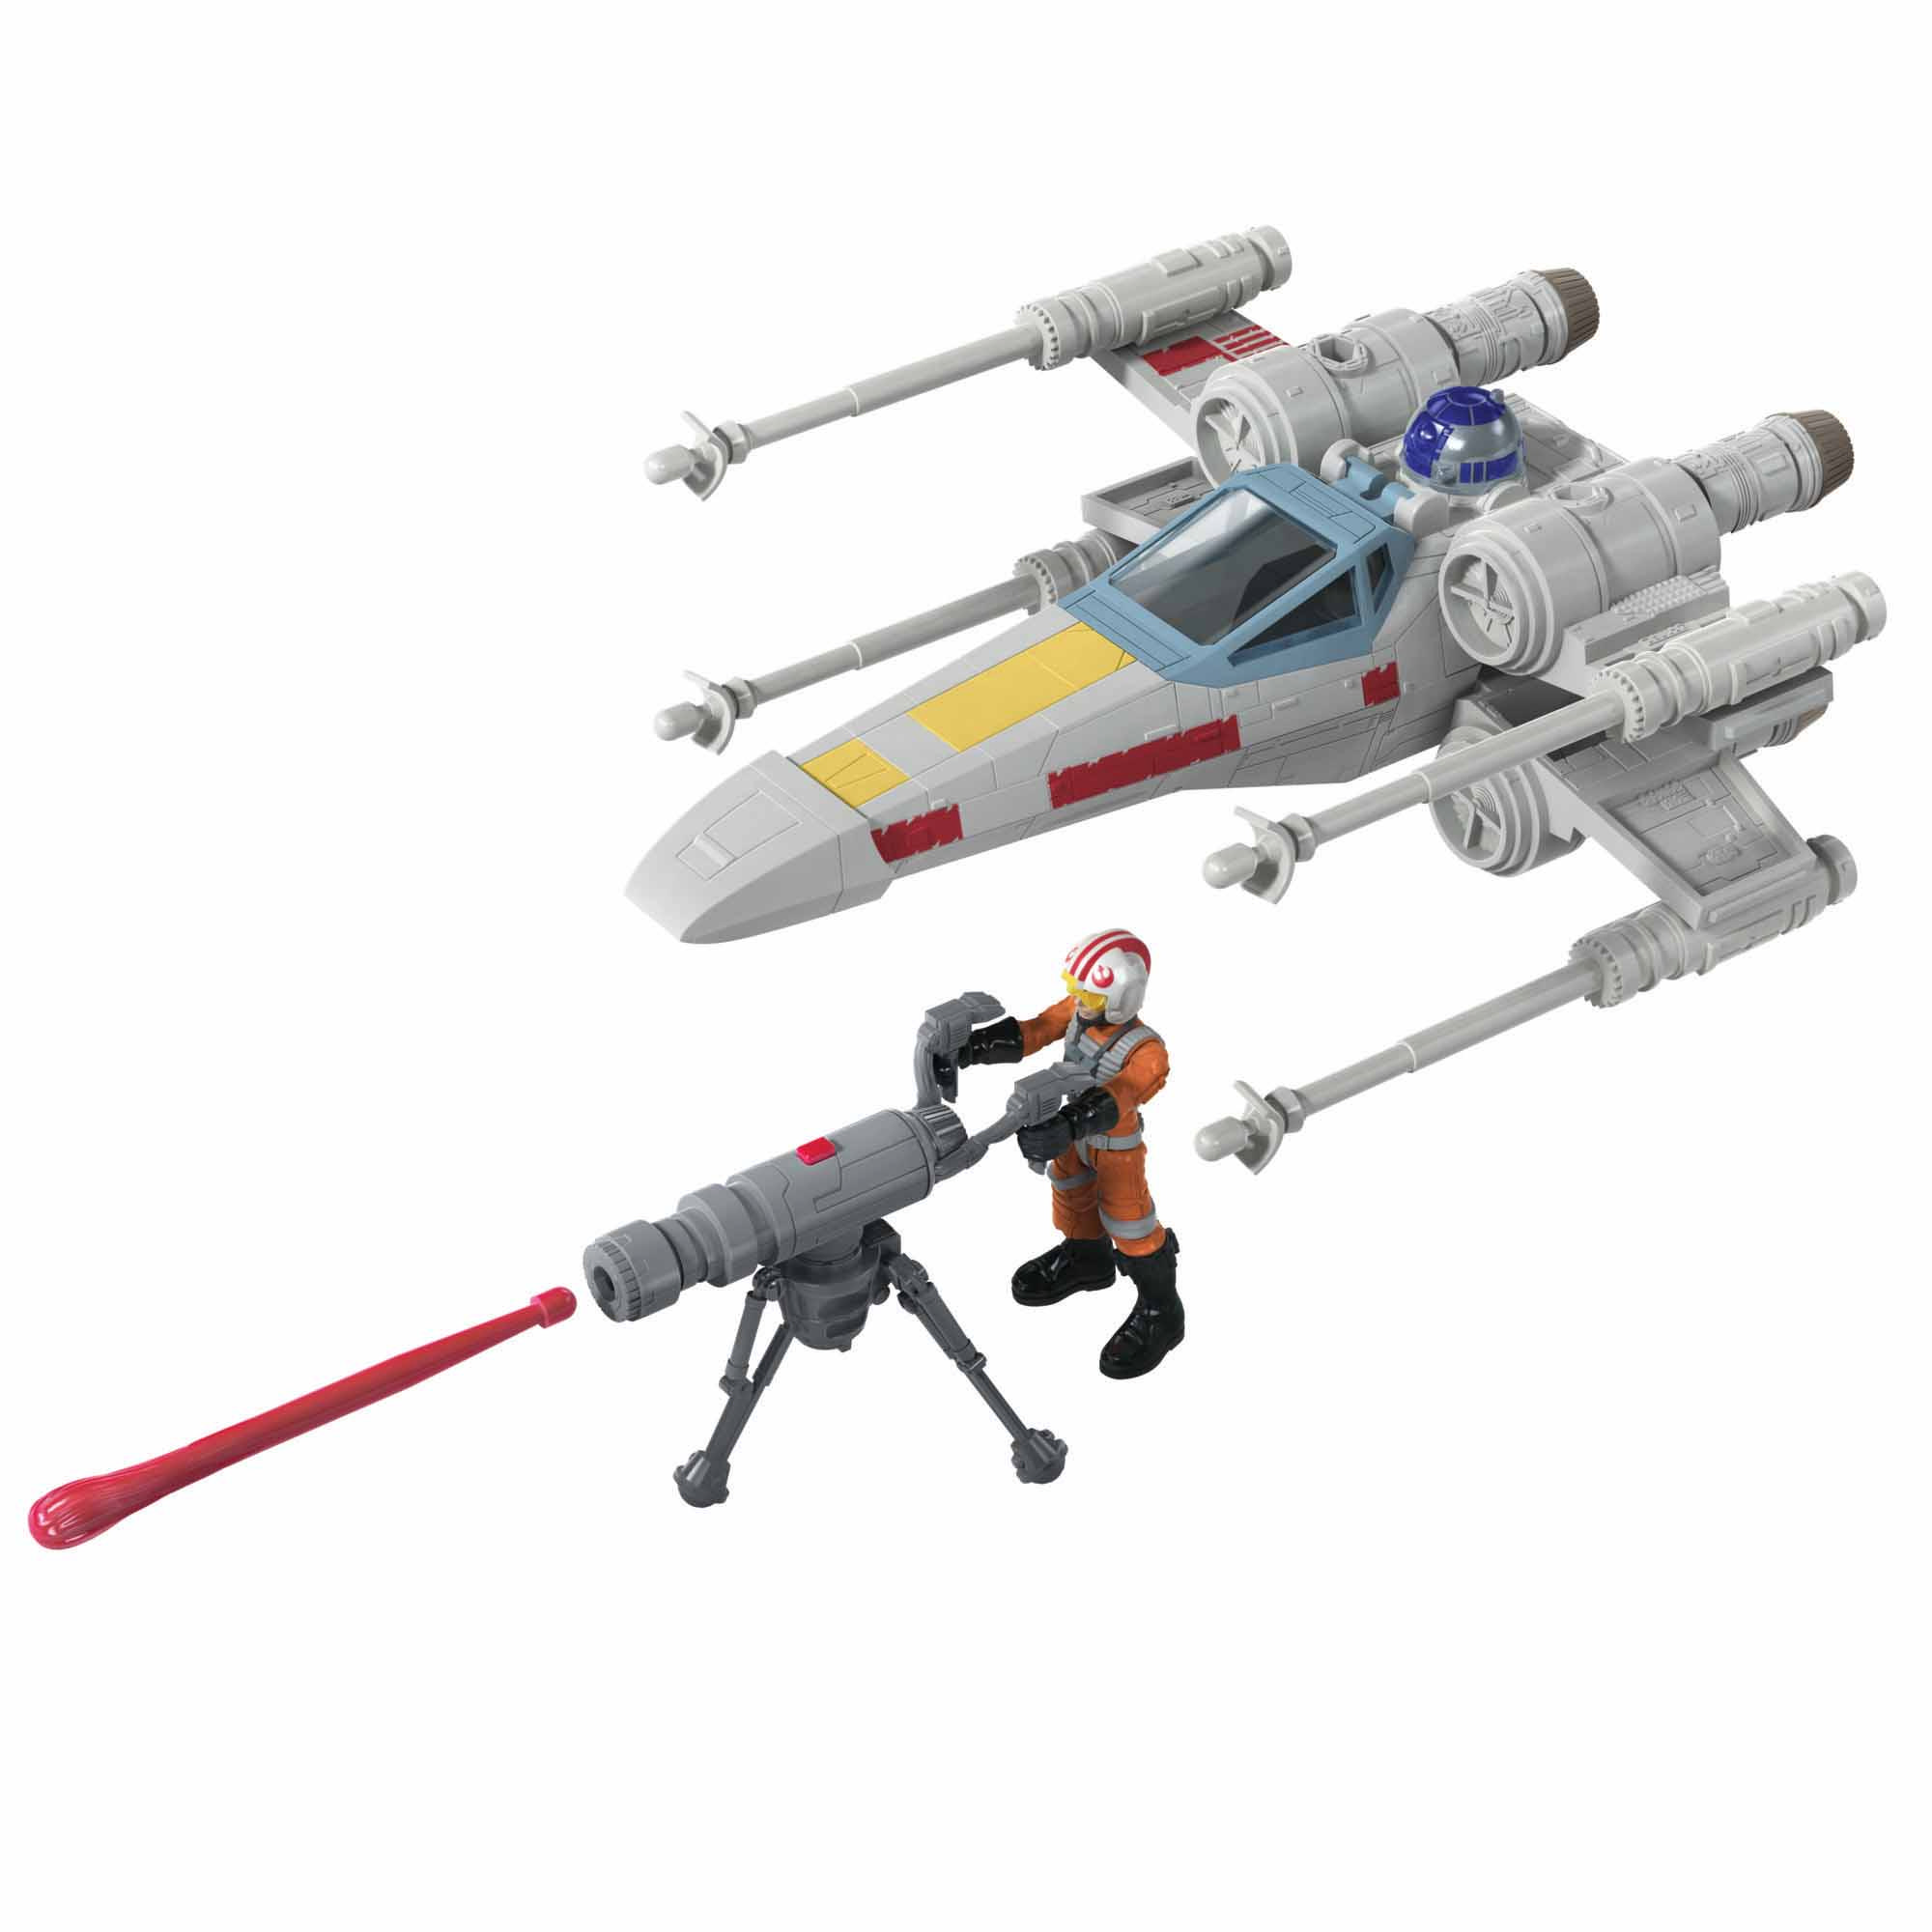 Star Wars Mission Fleet Luke Skywalkers X-Wing Fighter